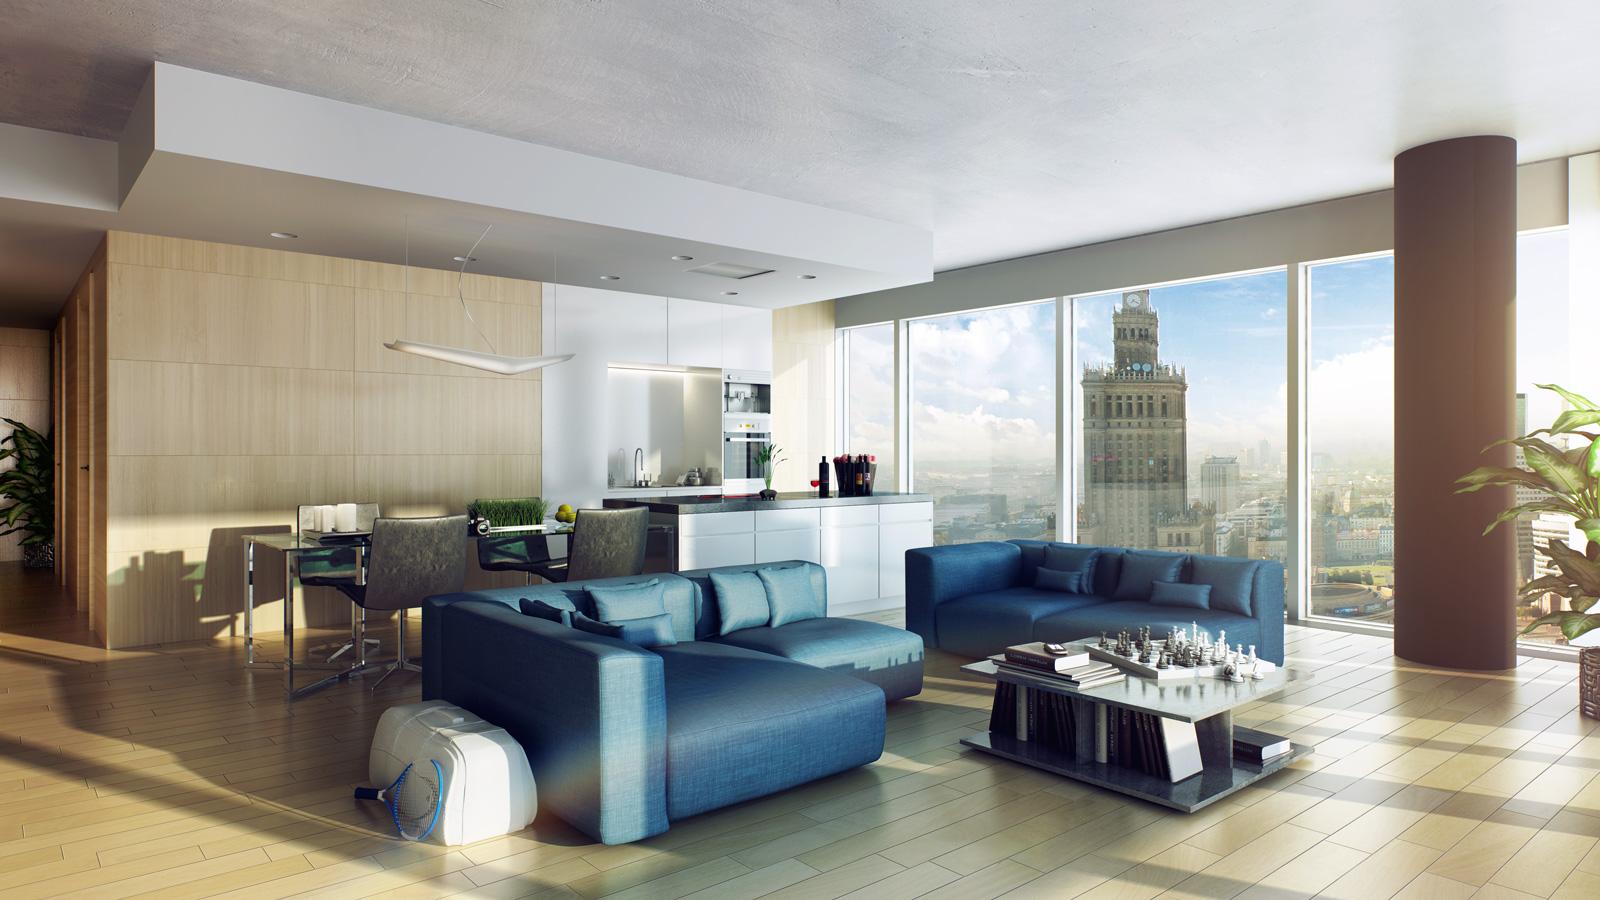 Wizualizacja apartamentu, Apartamenty Cosmopolitan, Tacit Investment